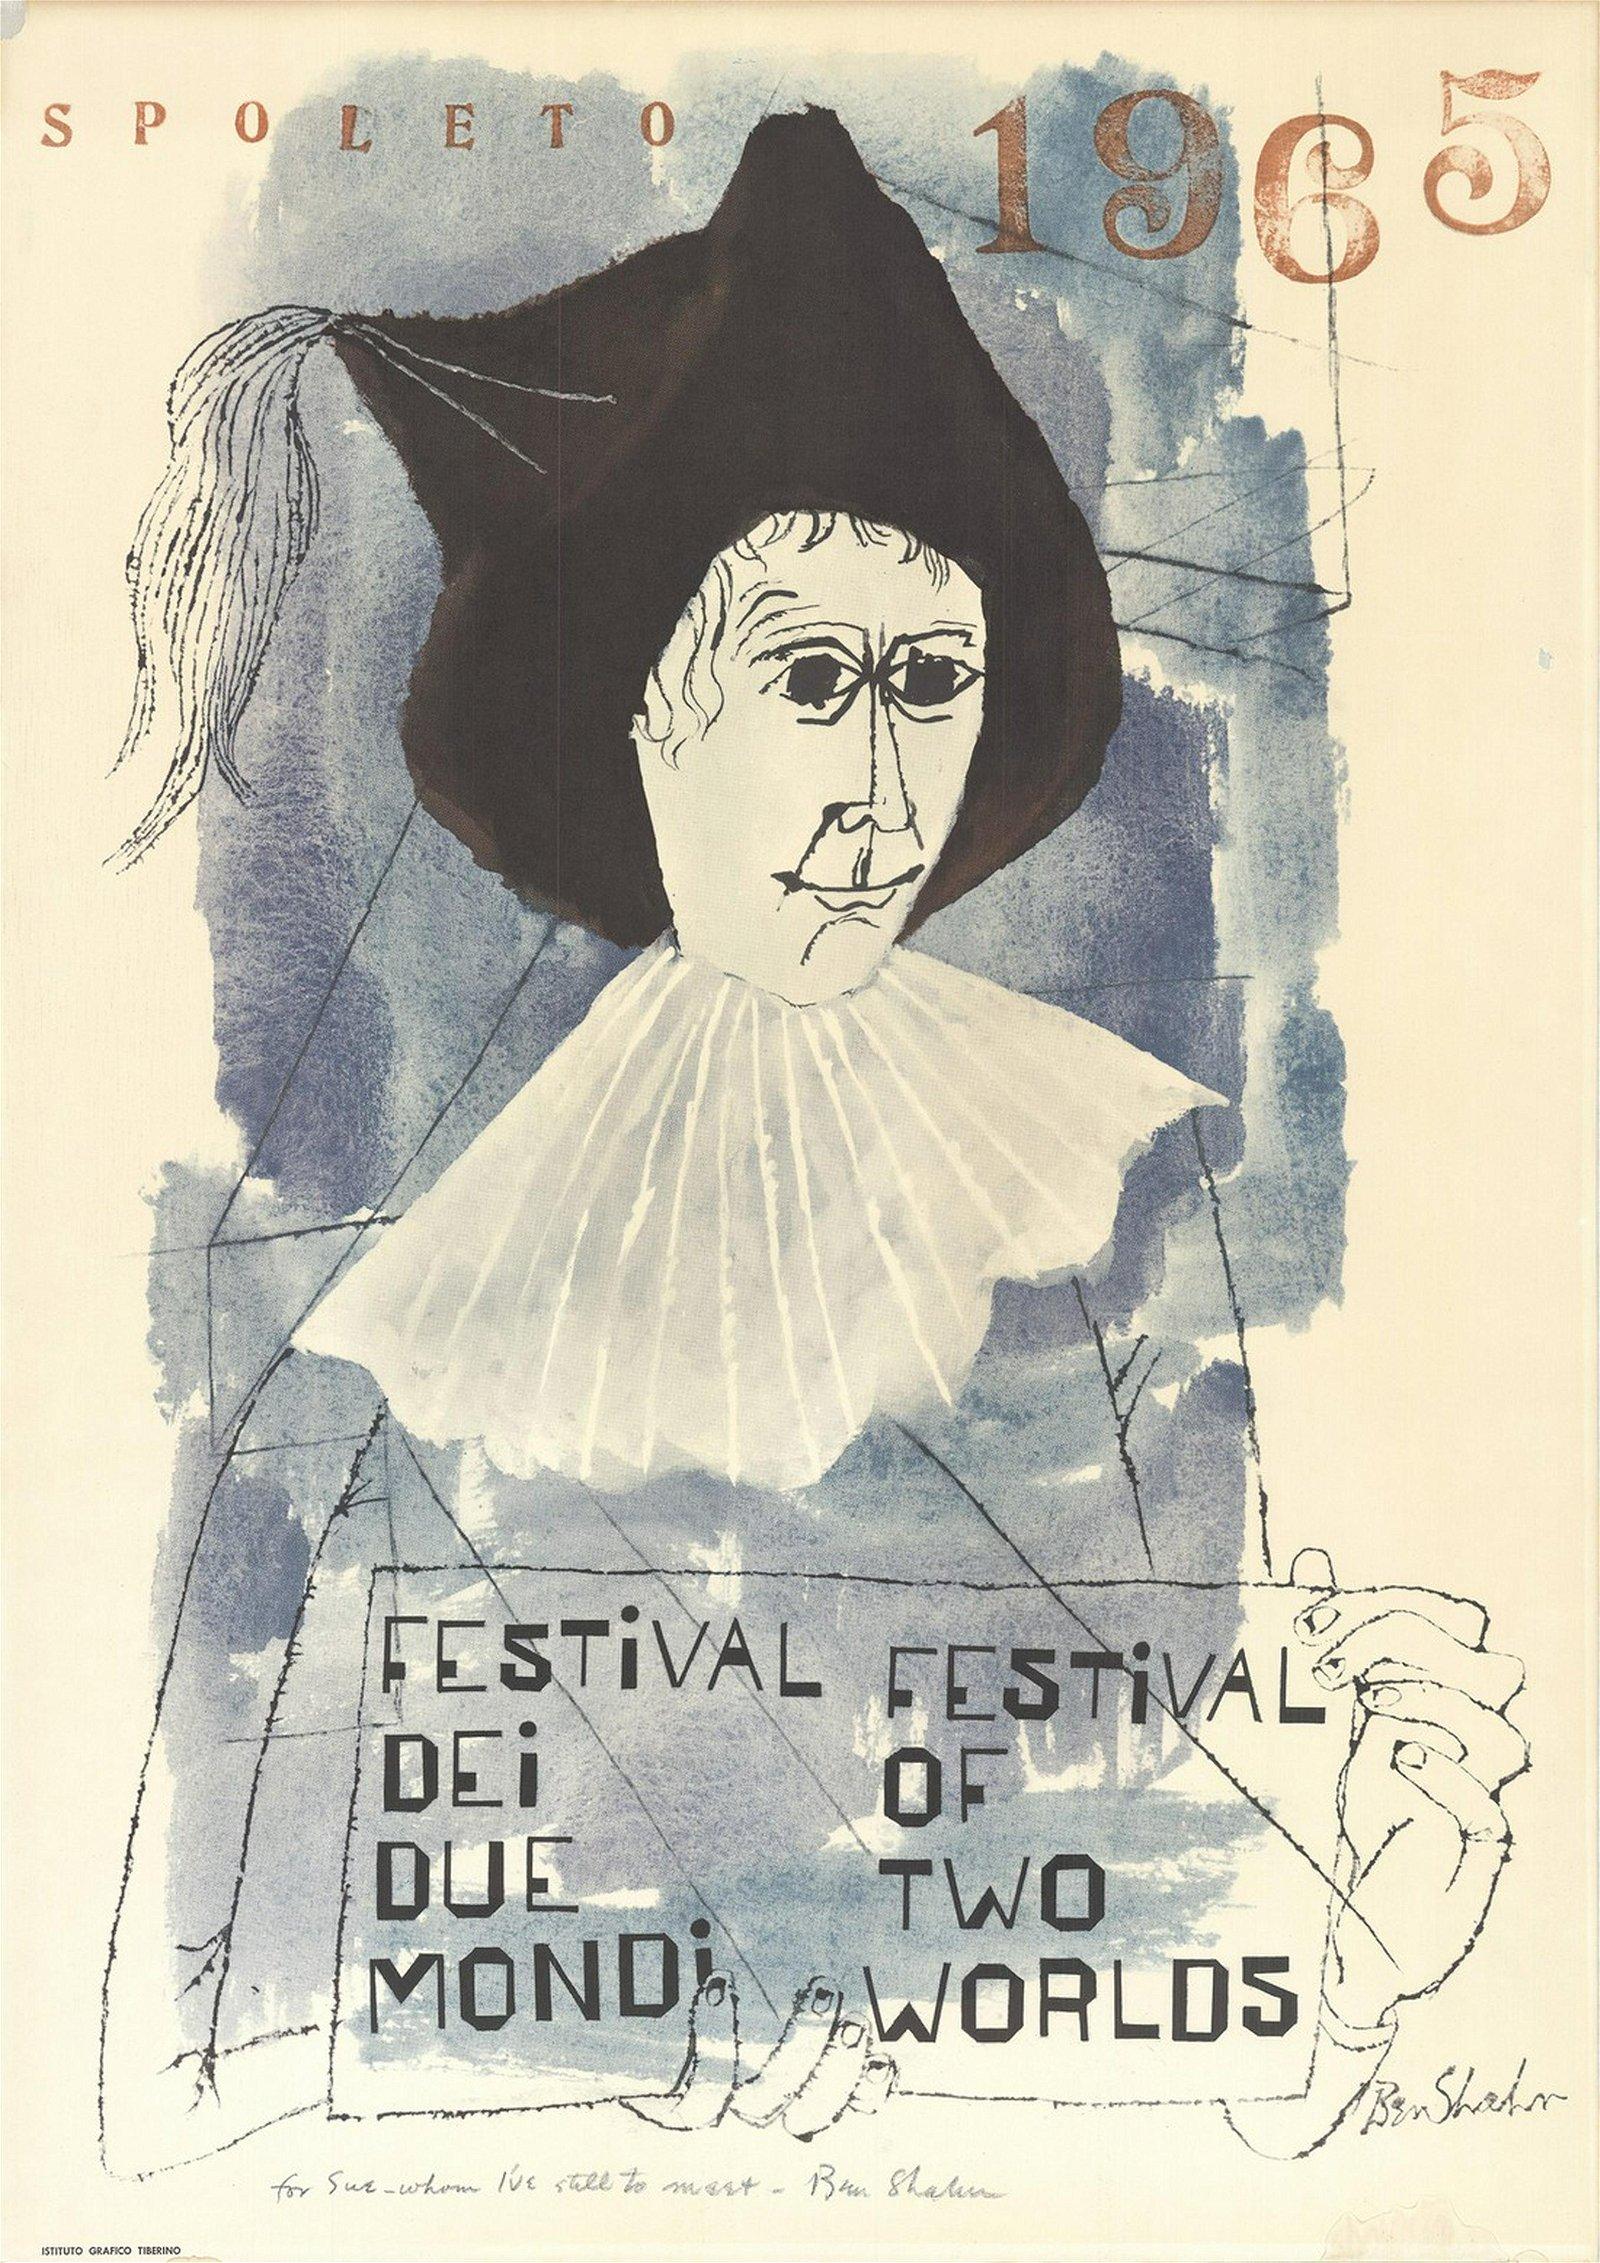 Ben Shahn: Spoleto Festival